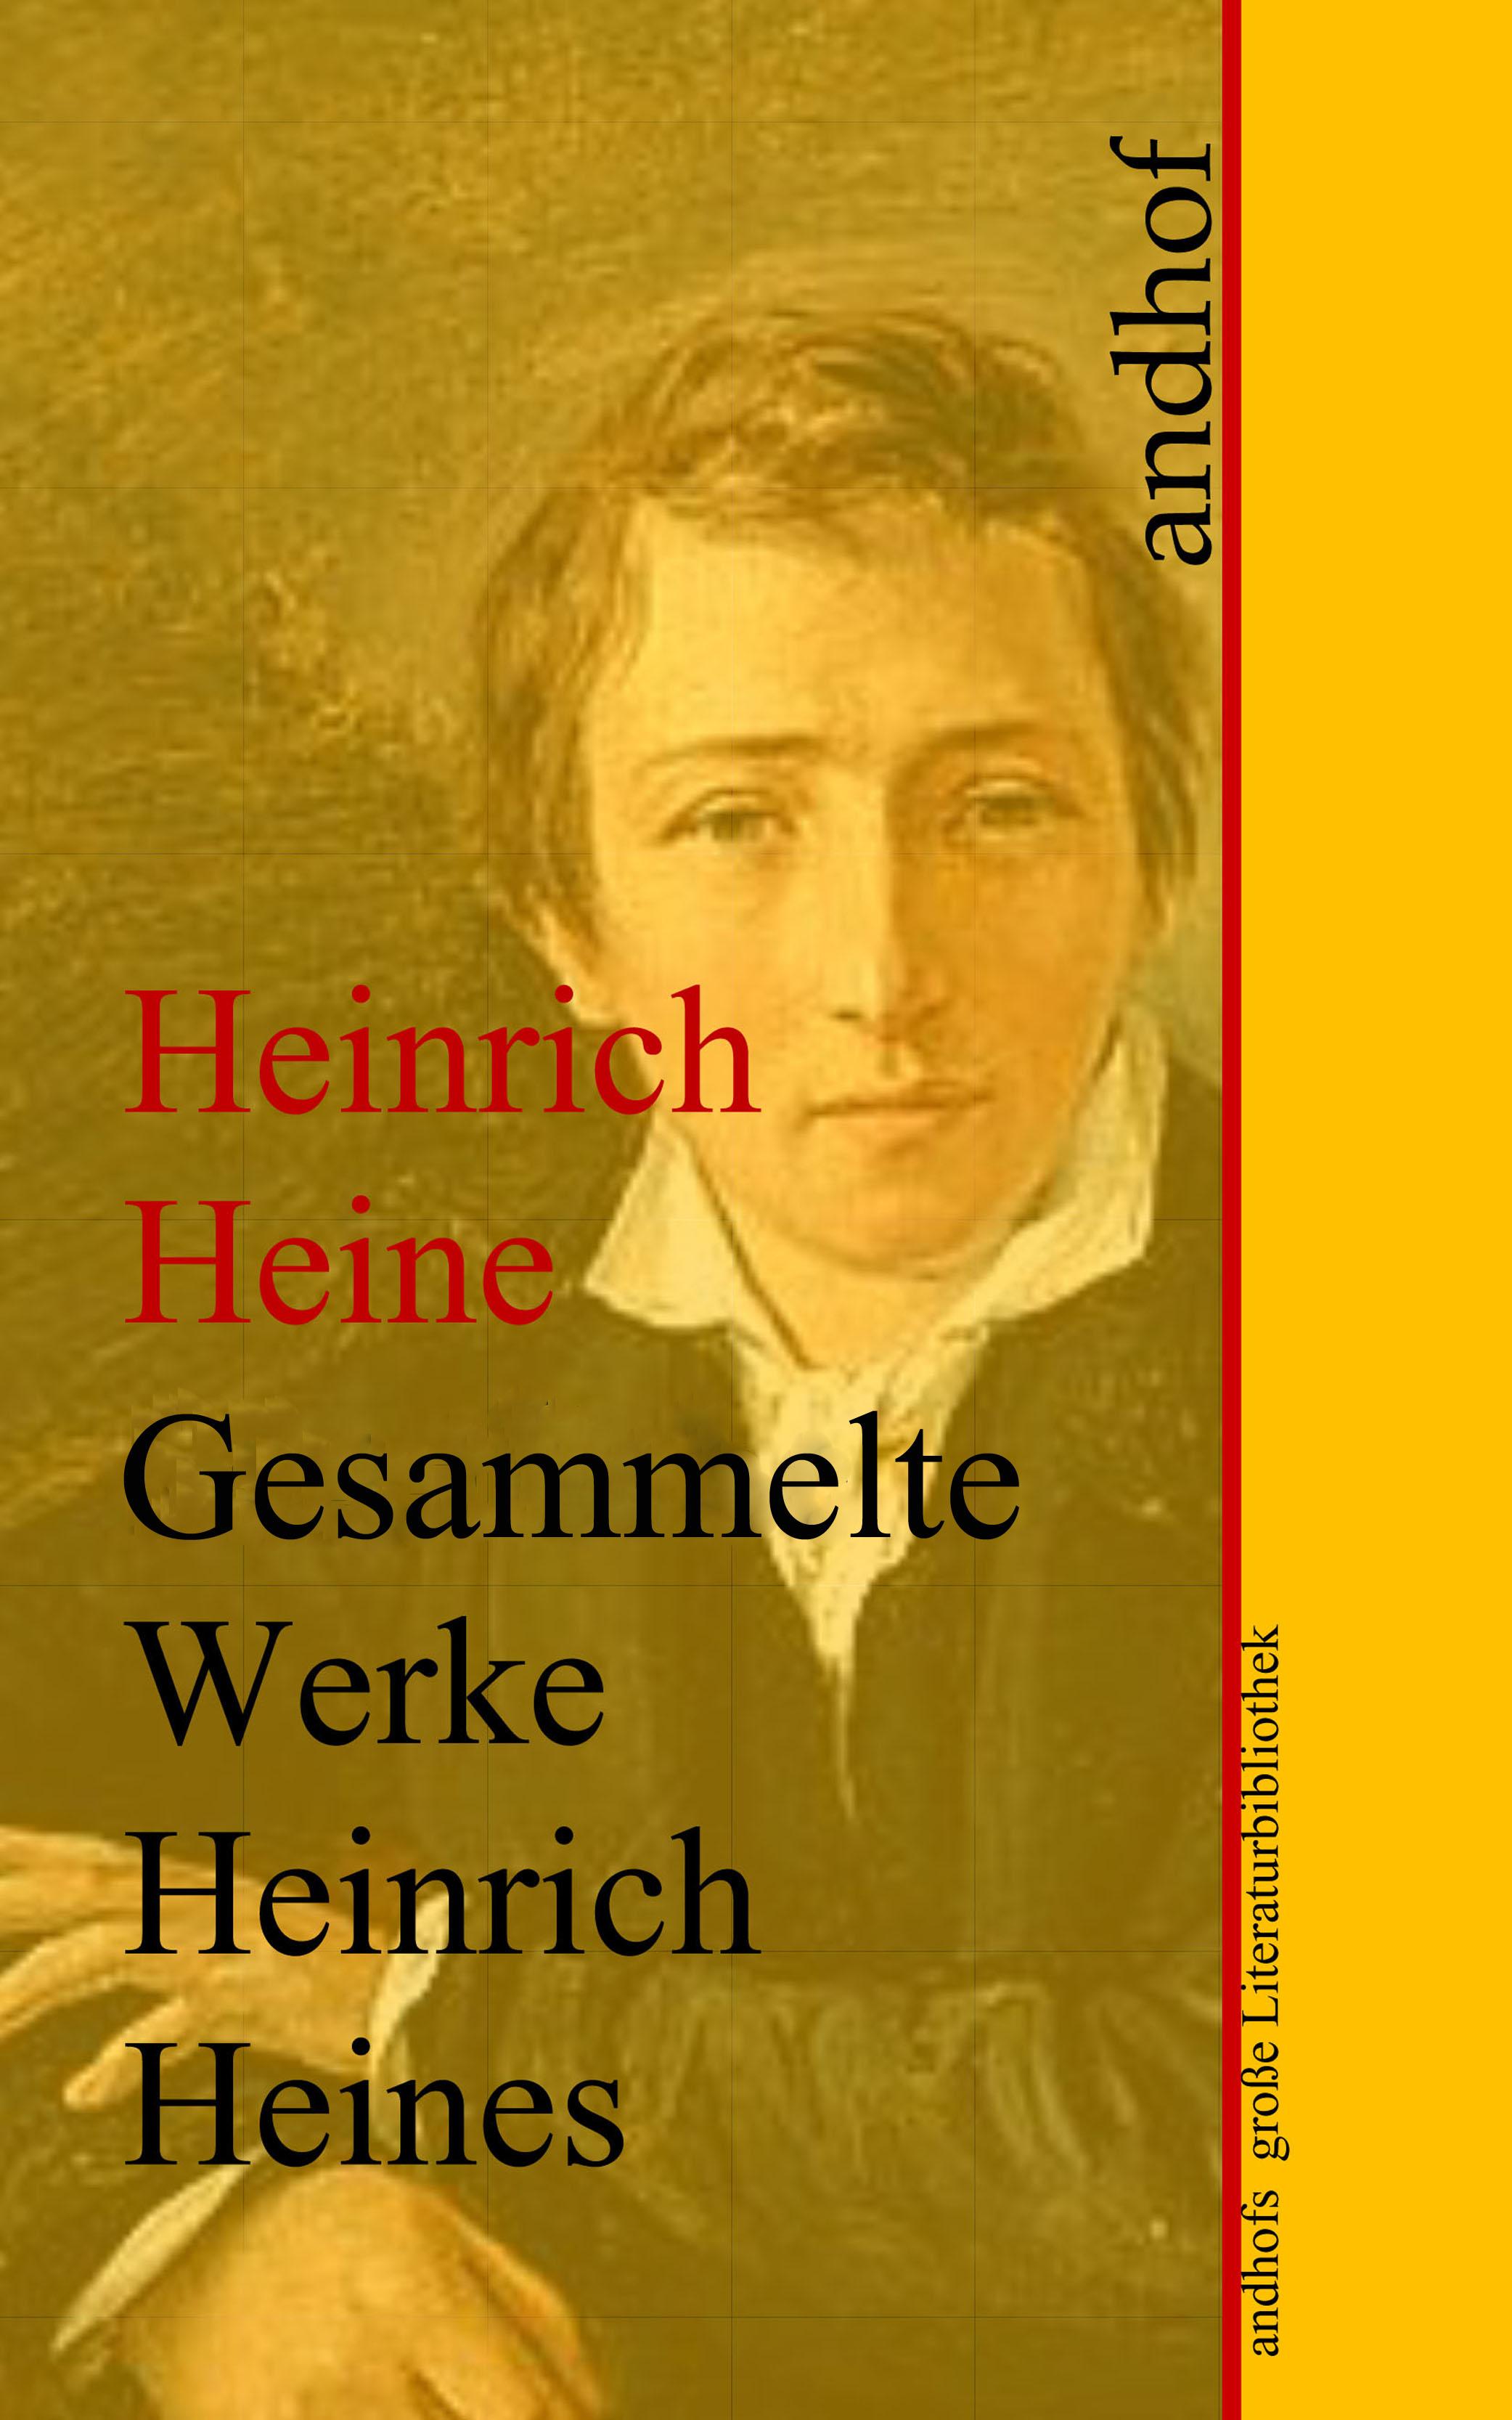 Heinrich Heine Heinrich Heine: Gesammelte Werke блейзер quelle ashley brooke by heine 7397